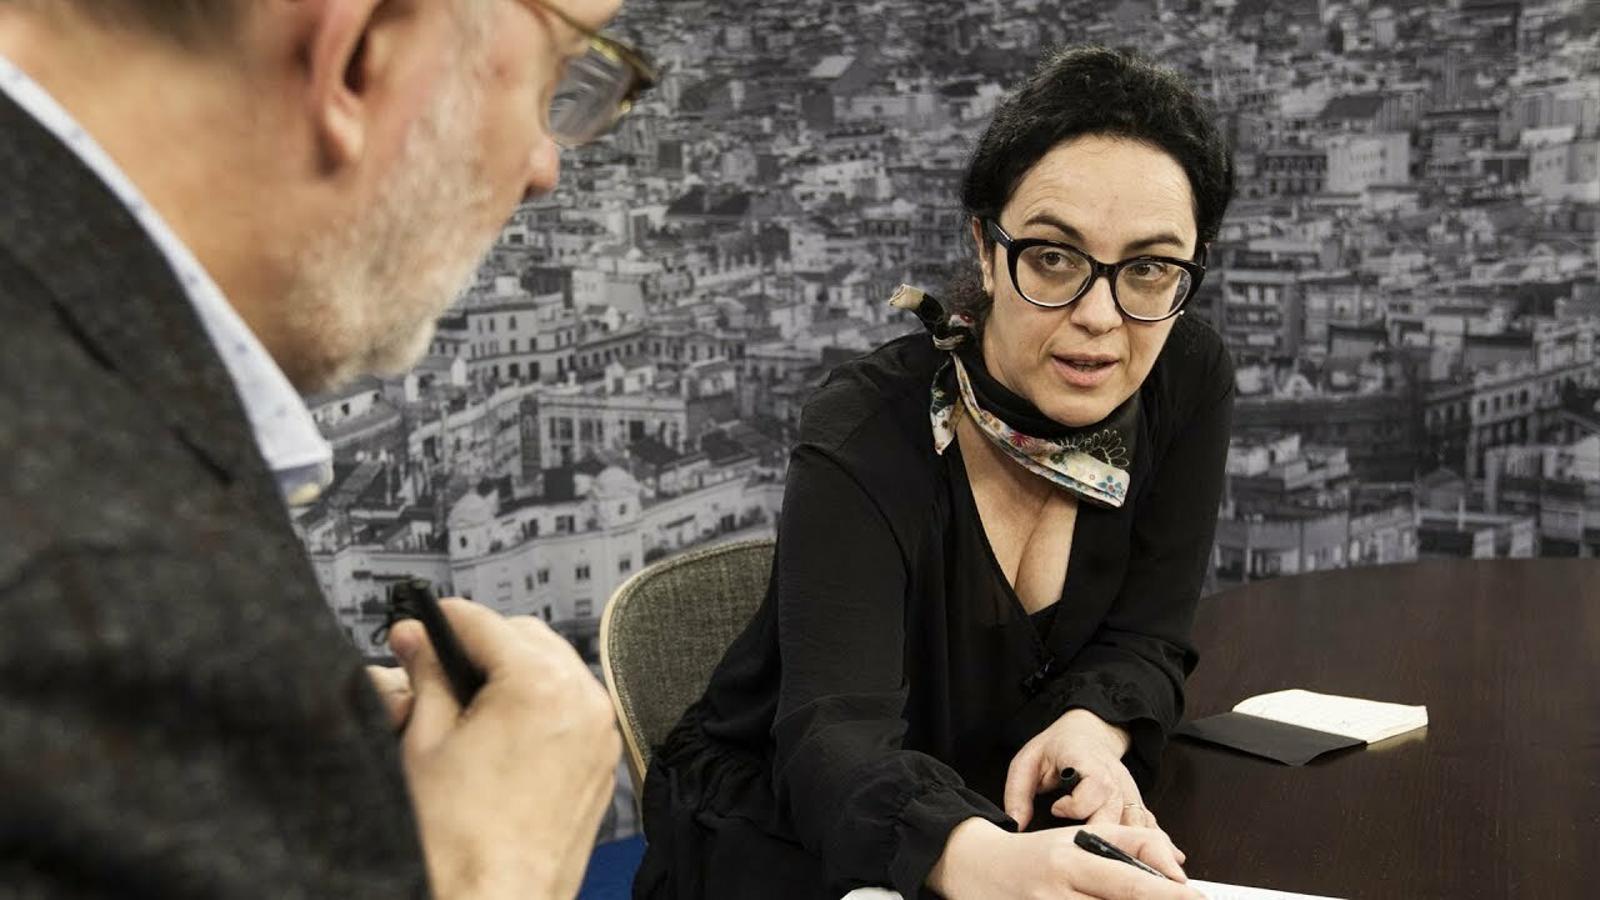 """Marcia Tiburi: """"Milícies d'extrema dreta m'amenaçaven de mort fins al punt que vaig haver de deixar el Brasil"""""""